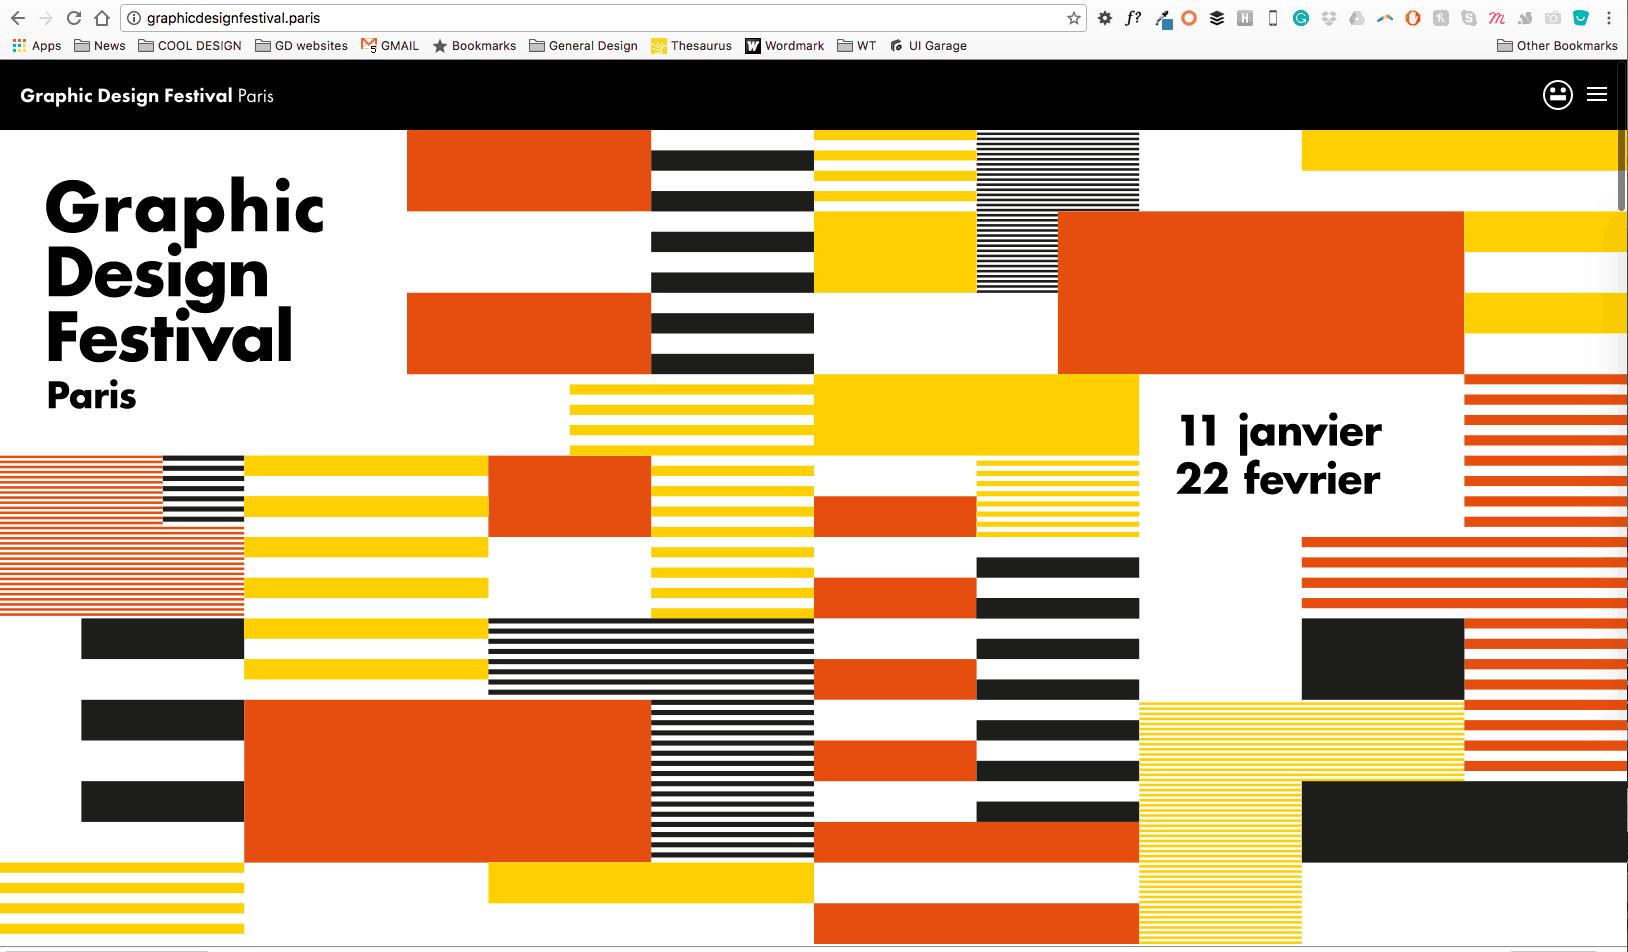 Graphic Design Festival Paris